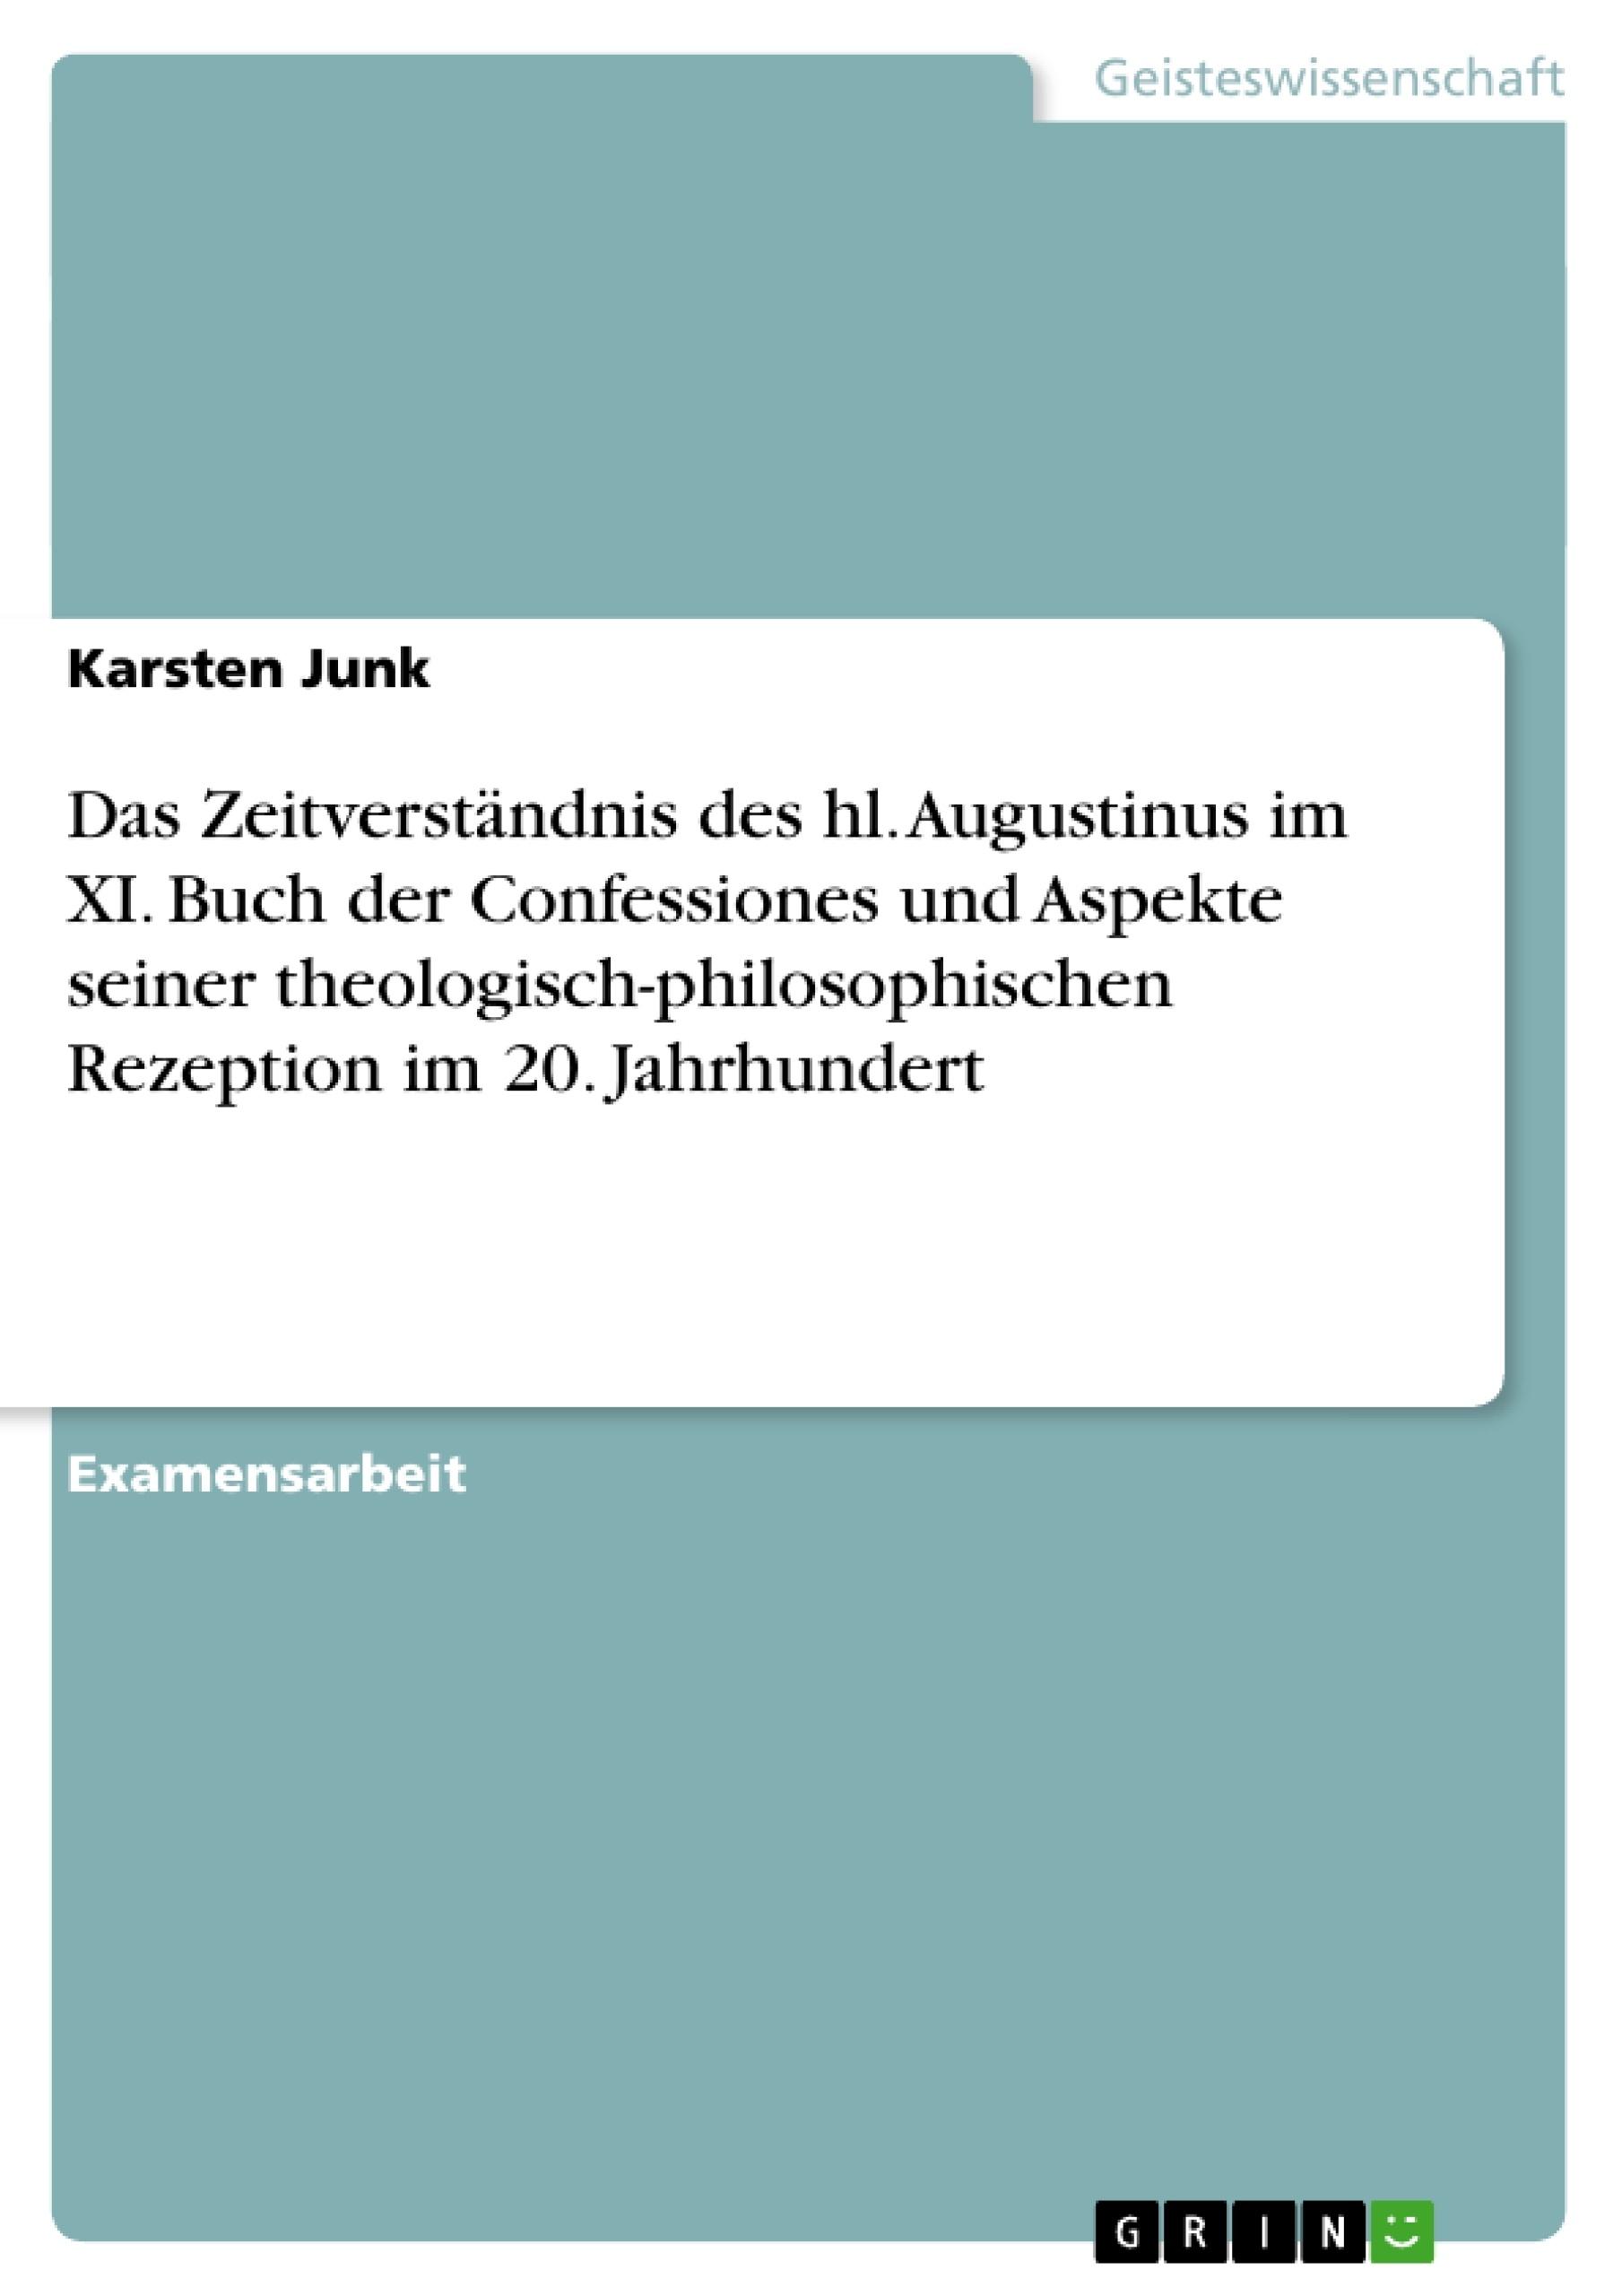 Titel: Das Zeitverständnis des hl. Augustinus im XI. Buch der Confessiones und Aspekte seiner theologisch-philosophischen Rezeption im 20. Jahrhundert